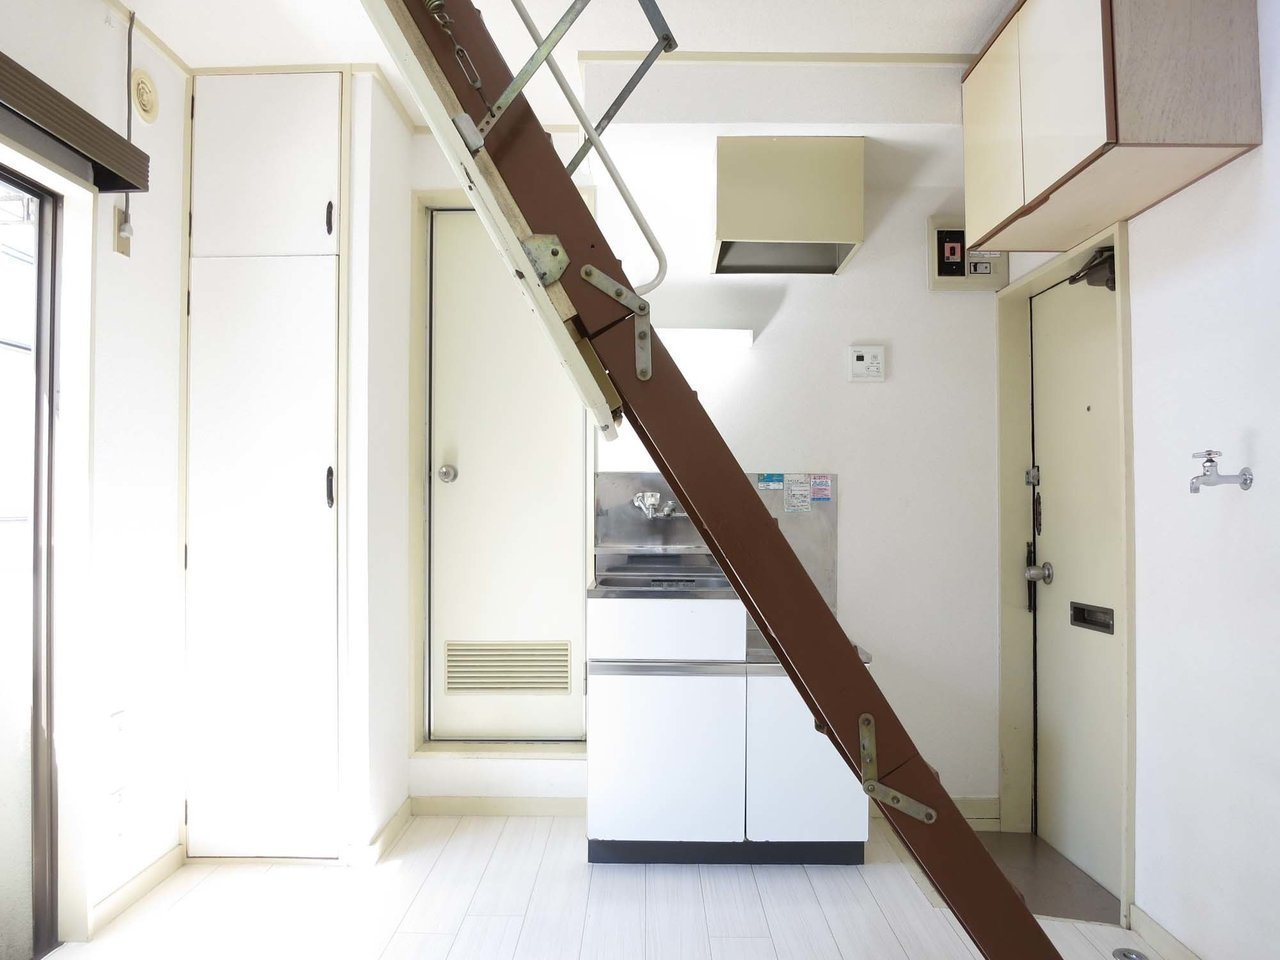 高円寺徒歩4分。一見普通のワンルームに見えるんですが、この梯子がポイントなんです。